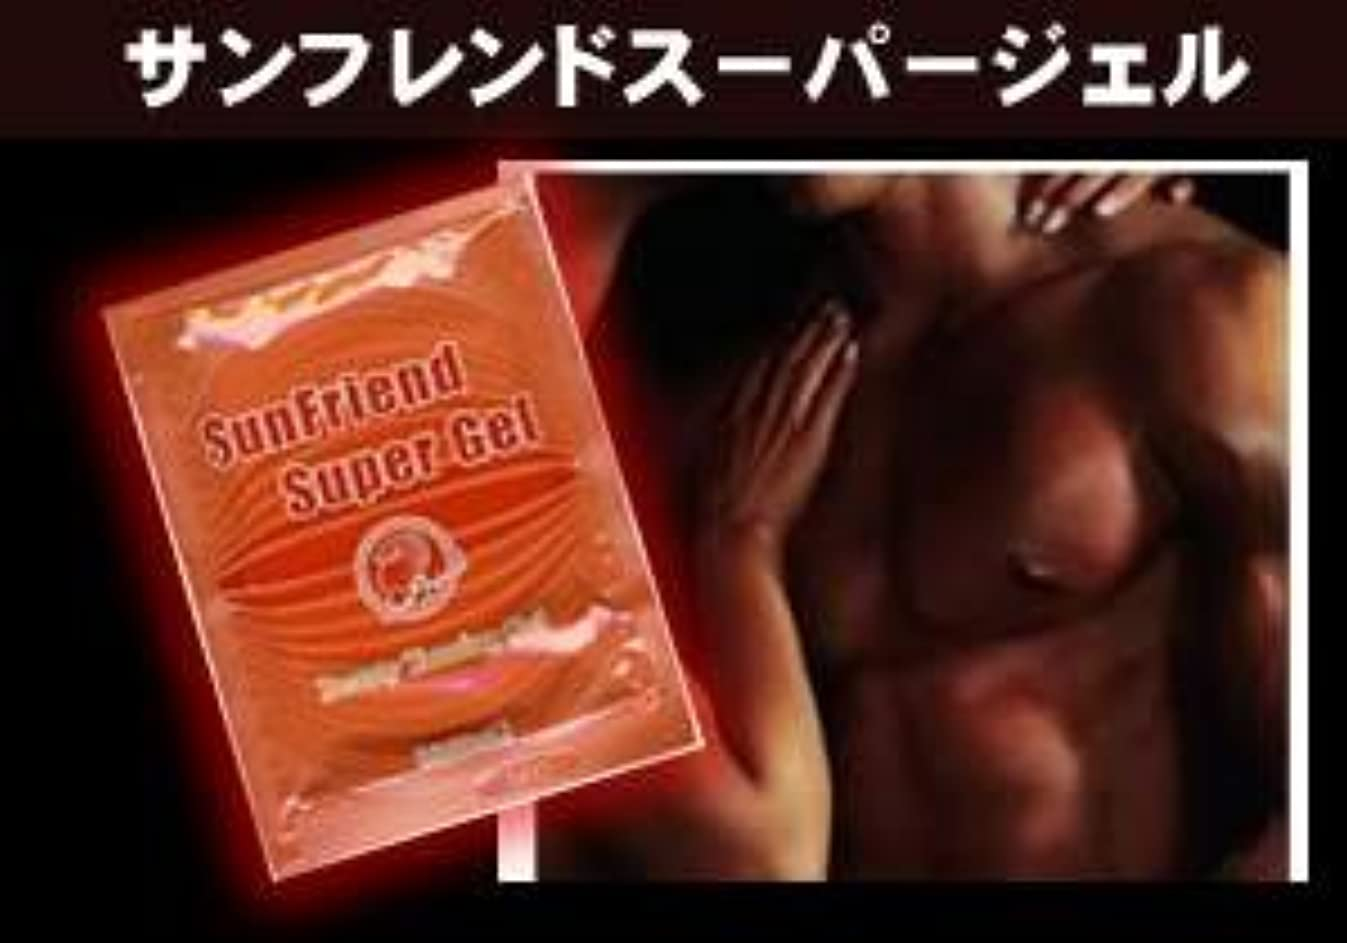 レシピお別れ硬さ日焼けマシン専用 サンフレンドスーパージェル 日焼けジェル 日焼けサロンでも使用されている業務用の日焼けマシンジェル